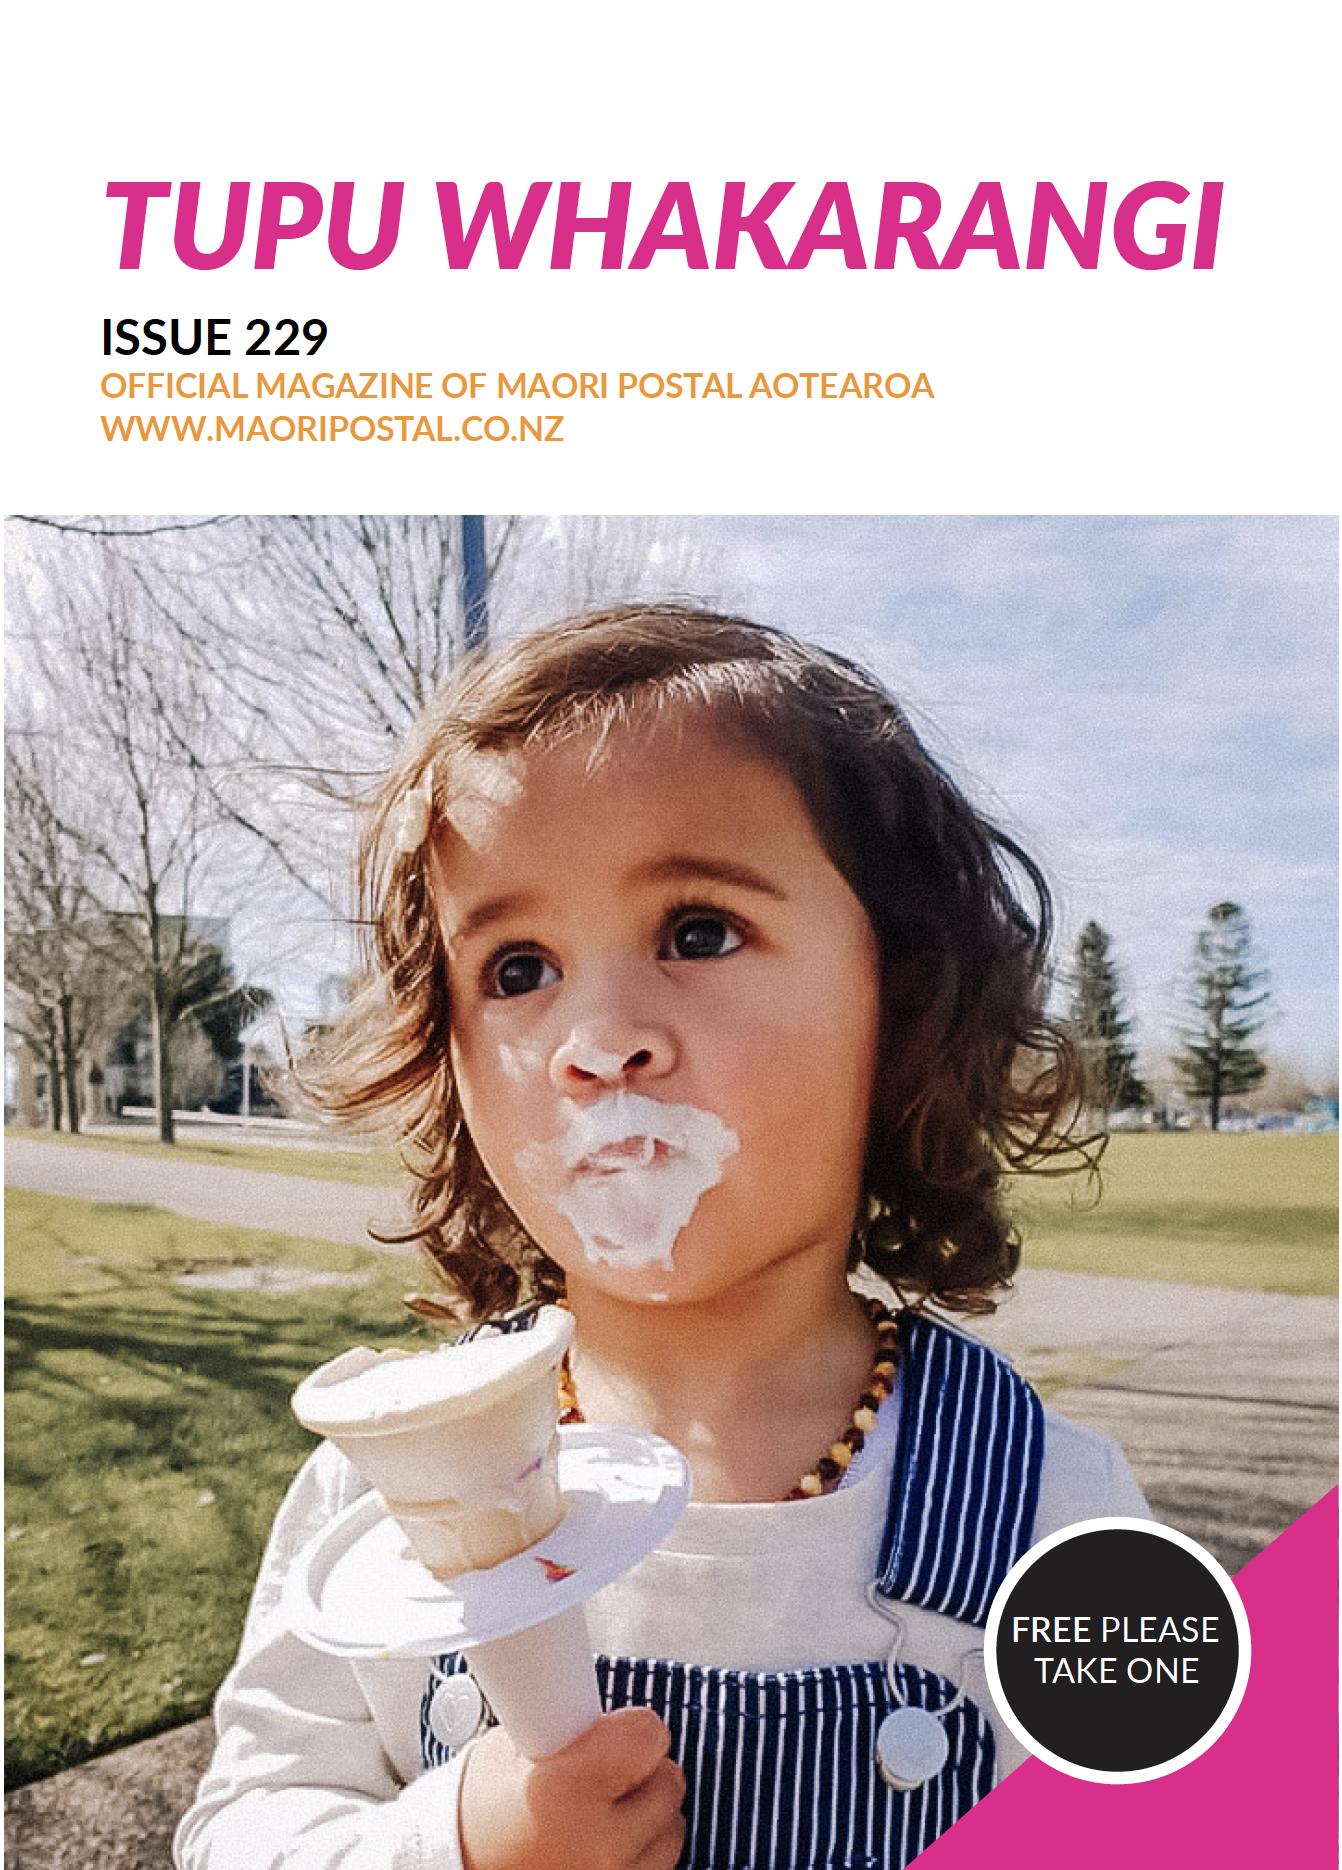 Tupu Whakarangi Issue 229 Ice-cream